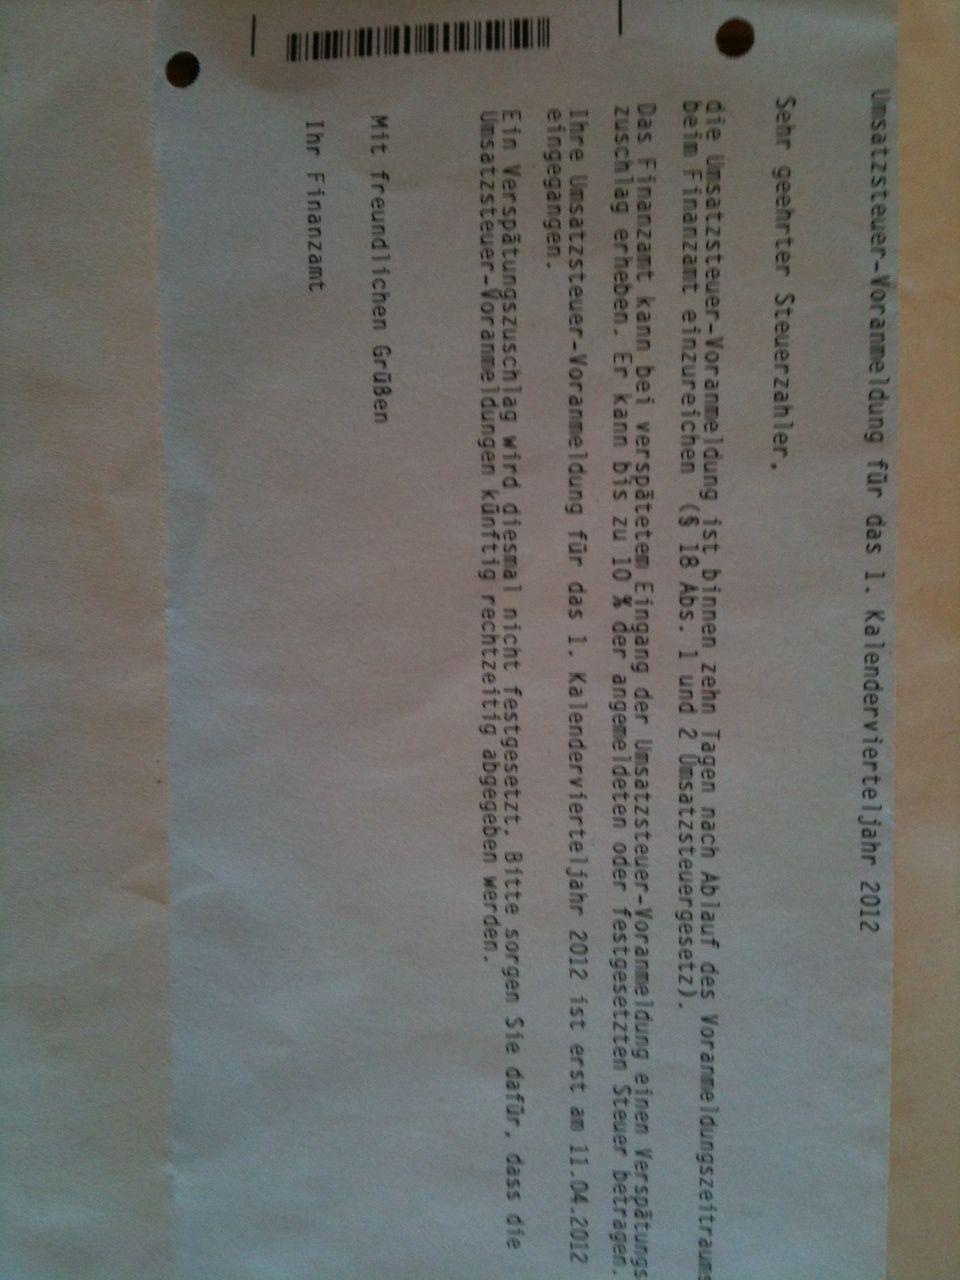 Ihre Ust Voranmeldung Fur Das 1 Kv 2012 Ist Erst Am 11 4 12 Eingegangen Bitte Sorgen Sie Dafur Dass Solche Br Einzelunternehmen Unternehmungen Briefe